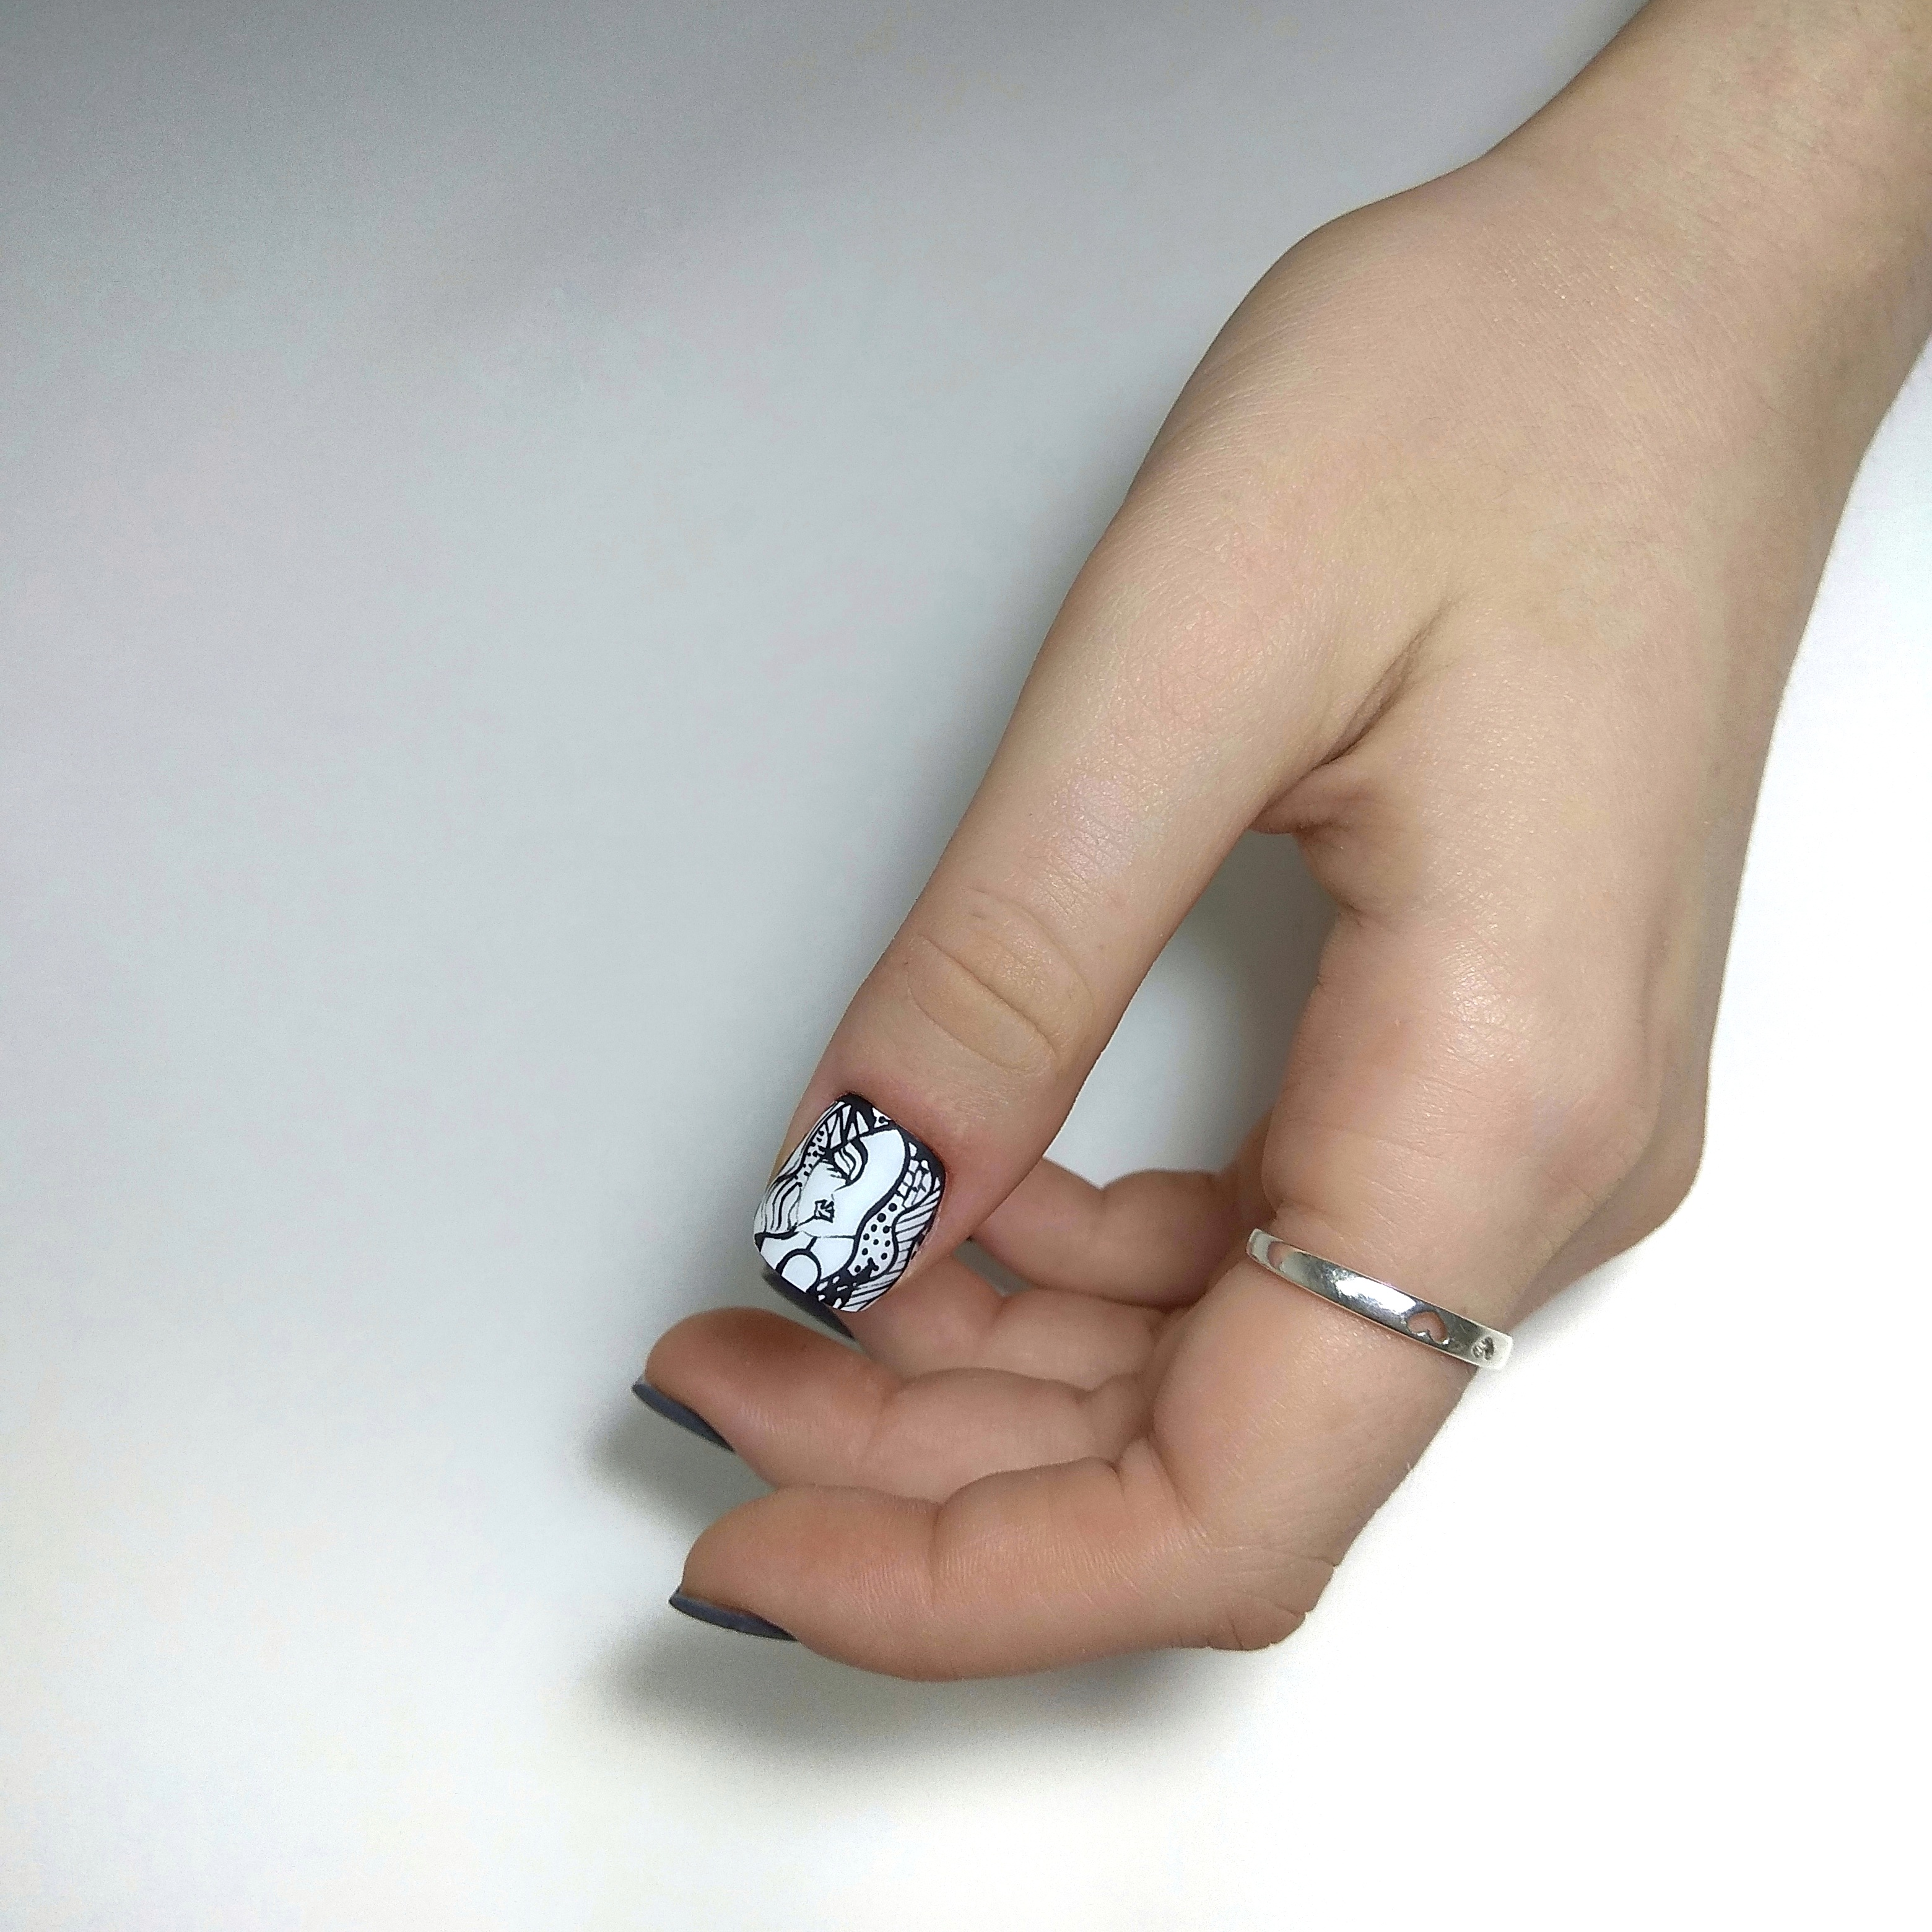 Маникюр с рисунком в сером цвете на короткие ногти.